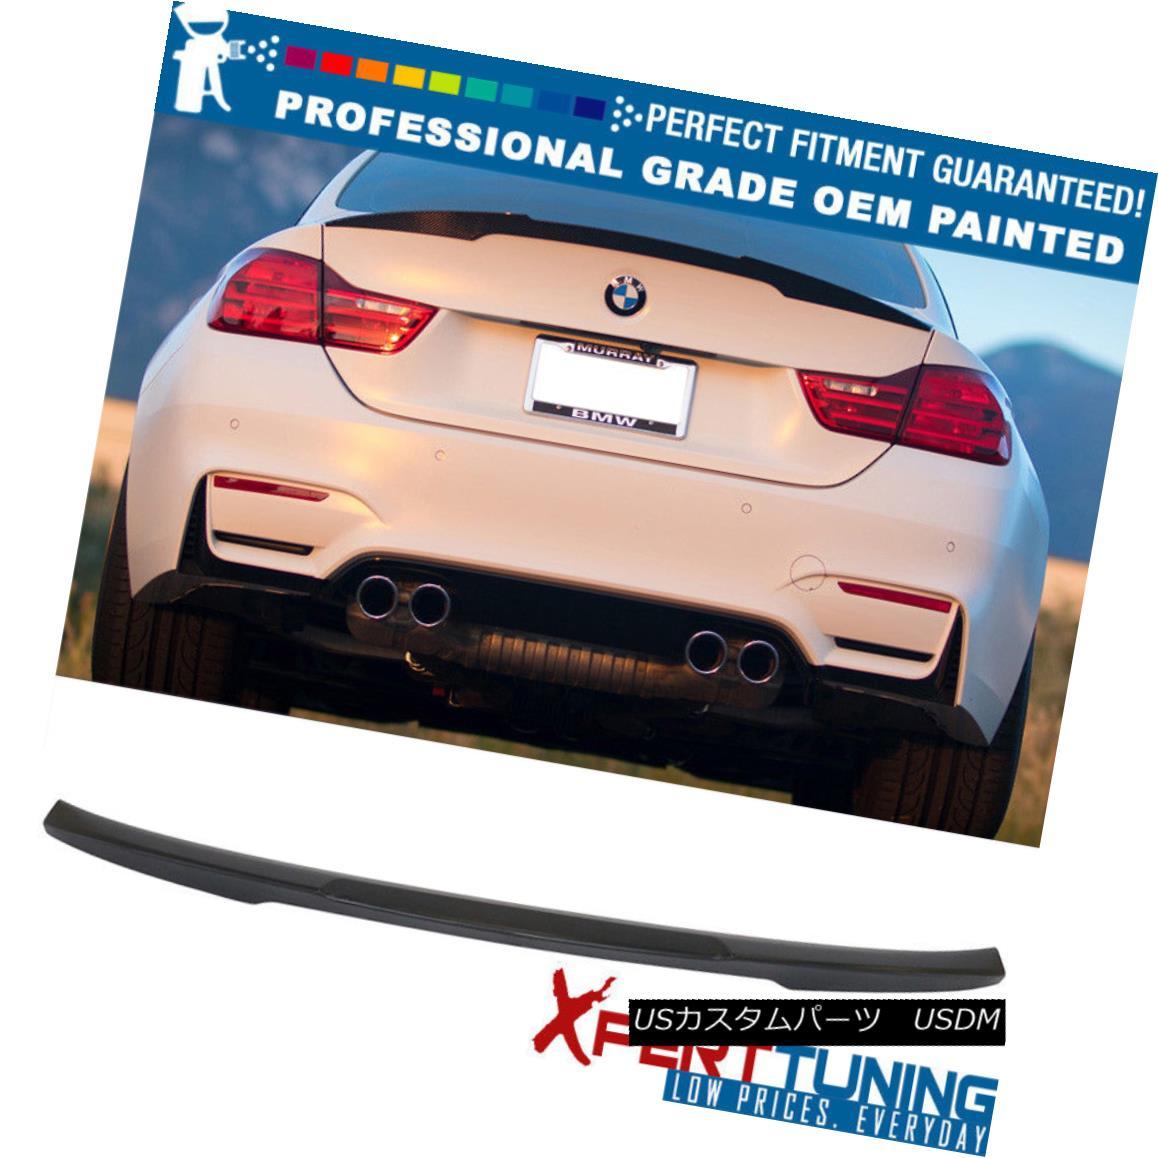 エアロパーツ 15-17 F82 4-Series M4 Performance Painted Trunk Spoiler - OEM Painted Color 15-17 F82 4シリーズM4パフォーマンス塗装トランク・スポイラー - OEM塗装色